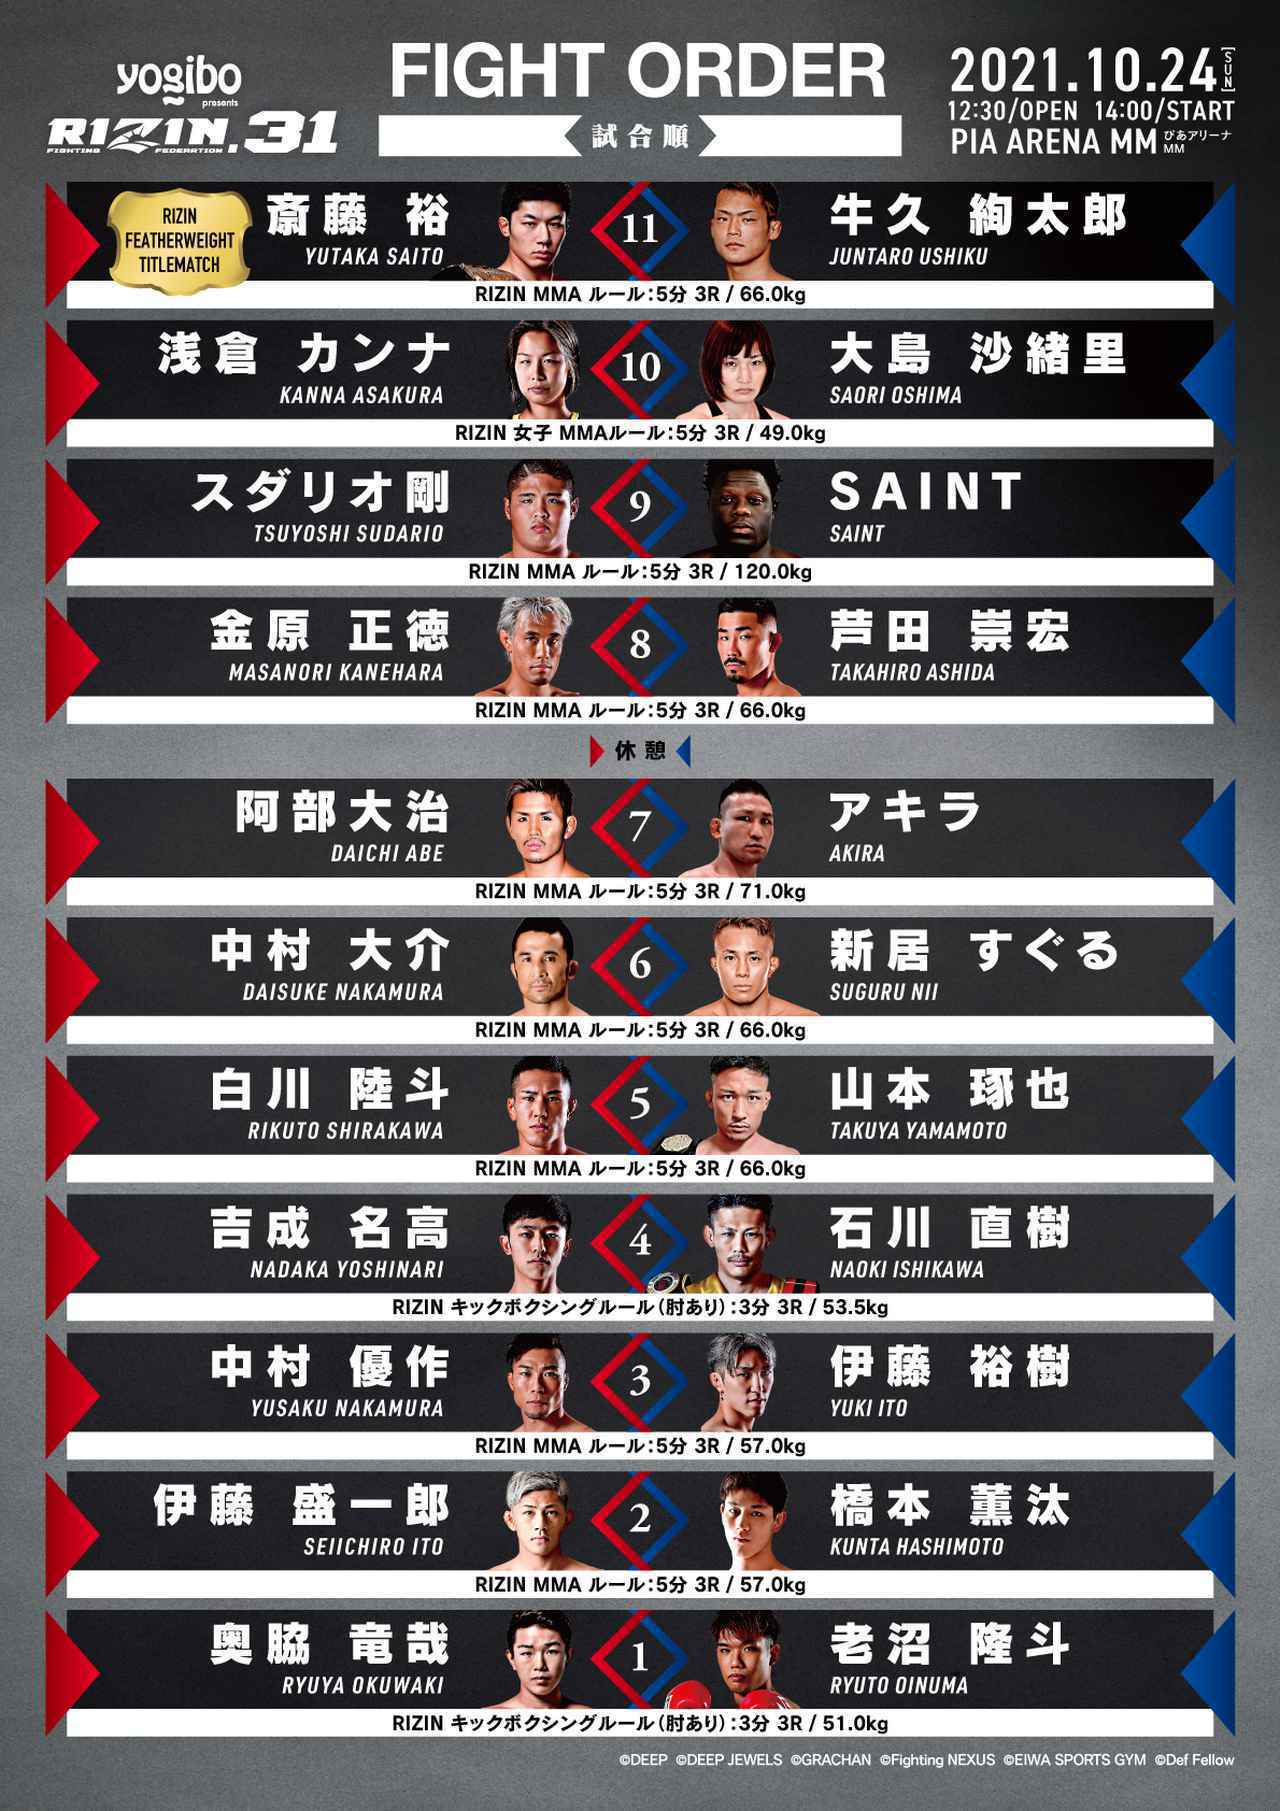 画像: https://jp.rizinff.com/_ct/17485019